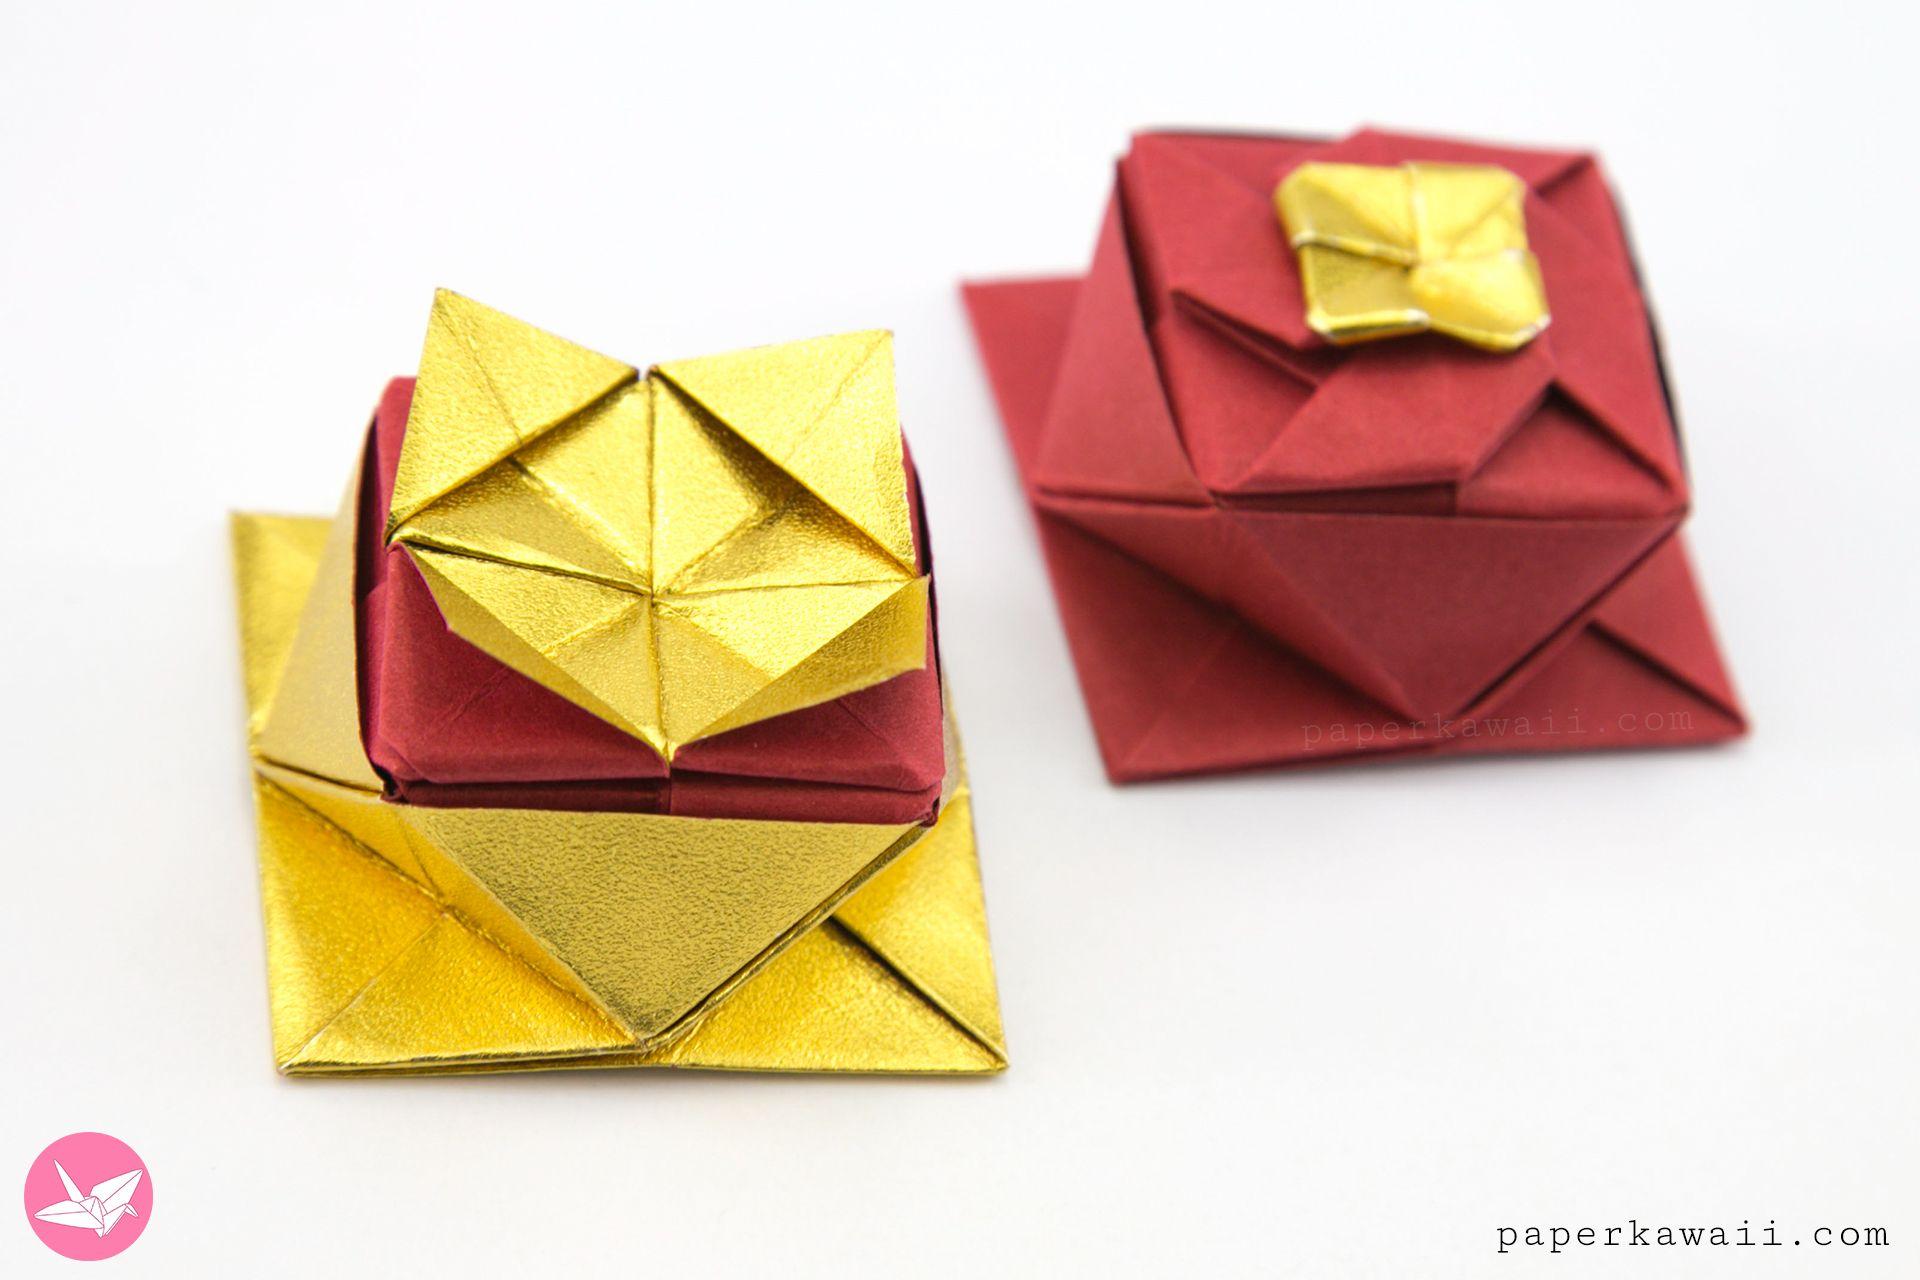 Origami Square Twist Box Tutorial Paper Kawaii Origami Origami Box Square Paper